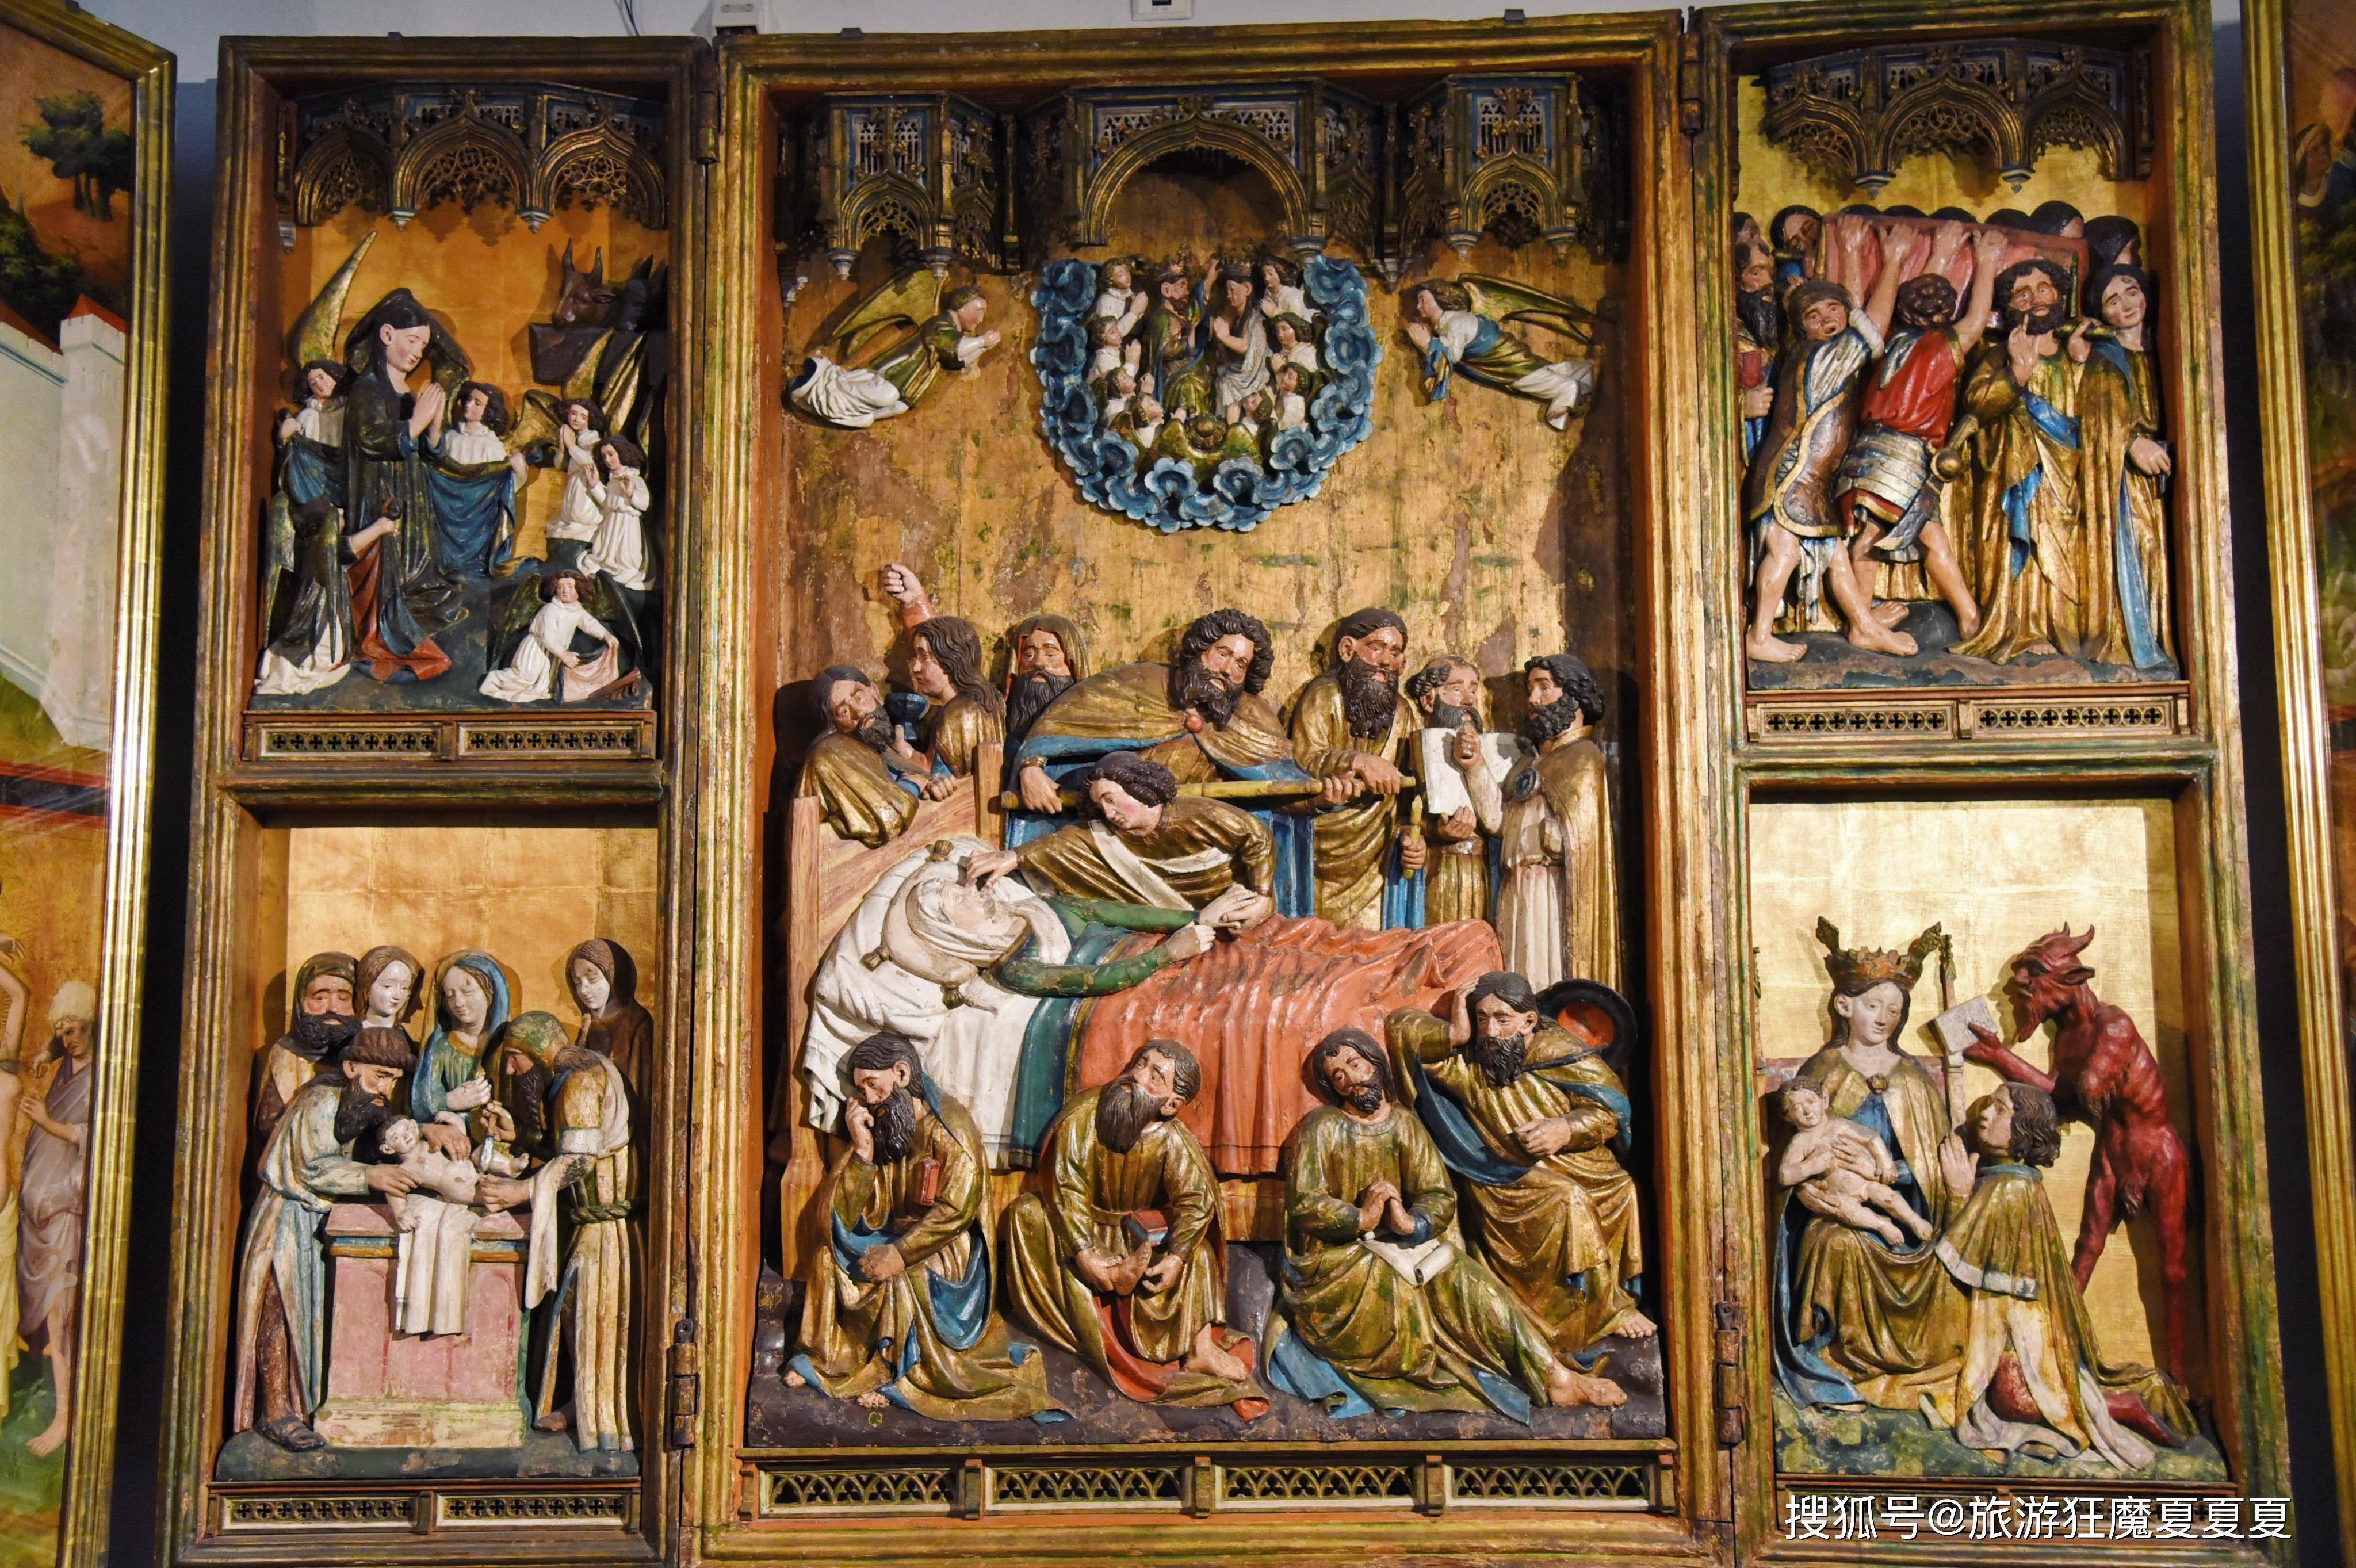 原创中世纪教堂般的芬兰国家博物馆,每天不同时间开放,门票涨到14欧